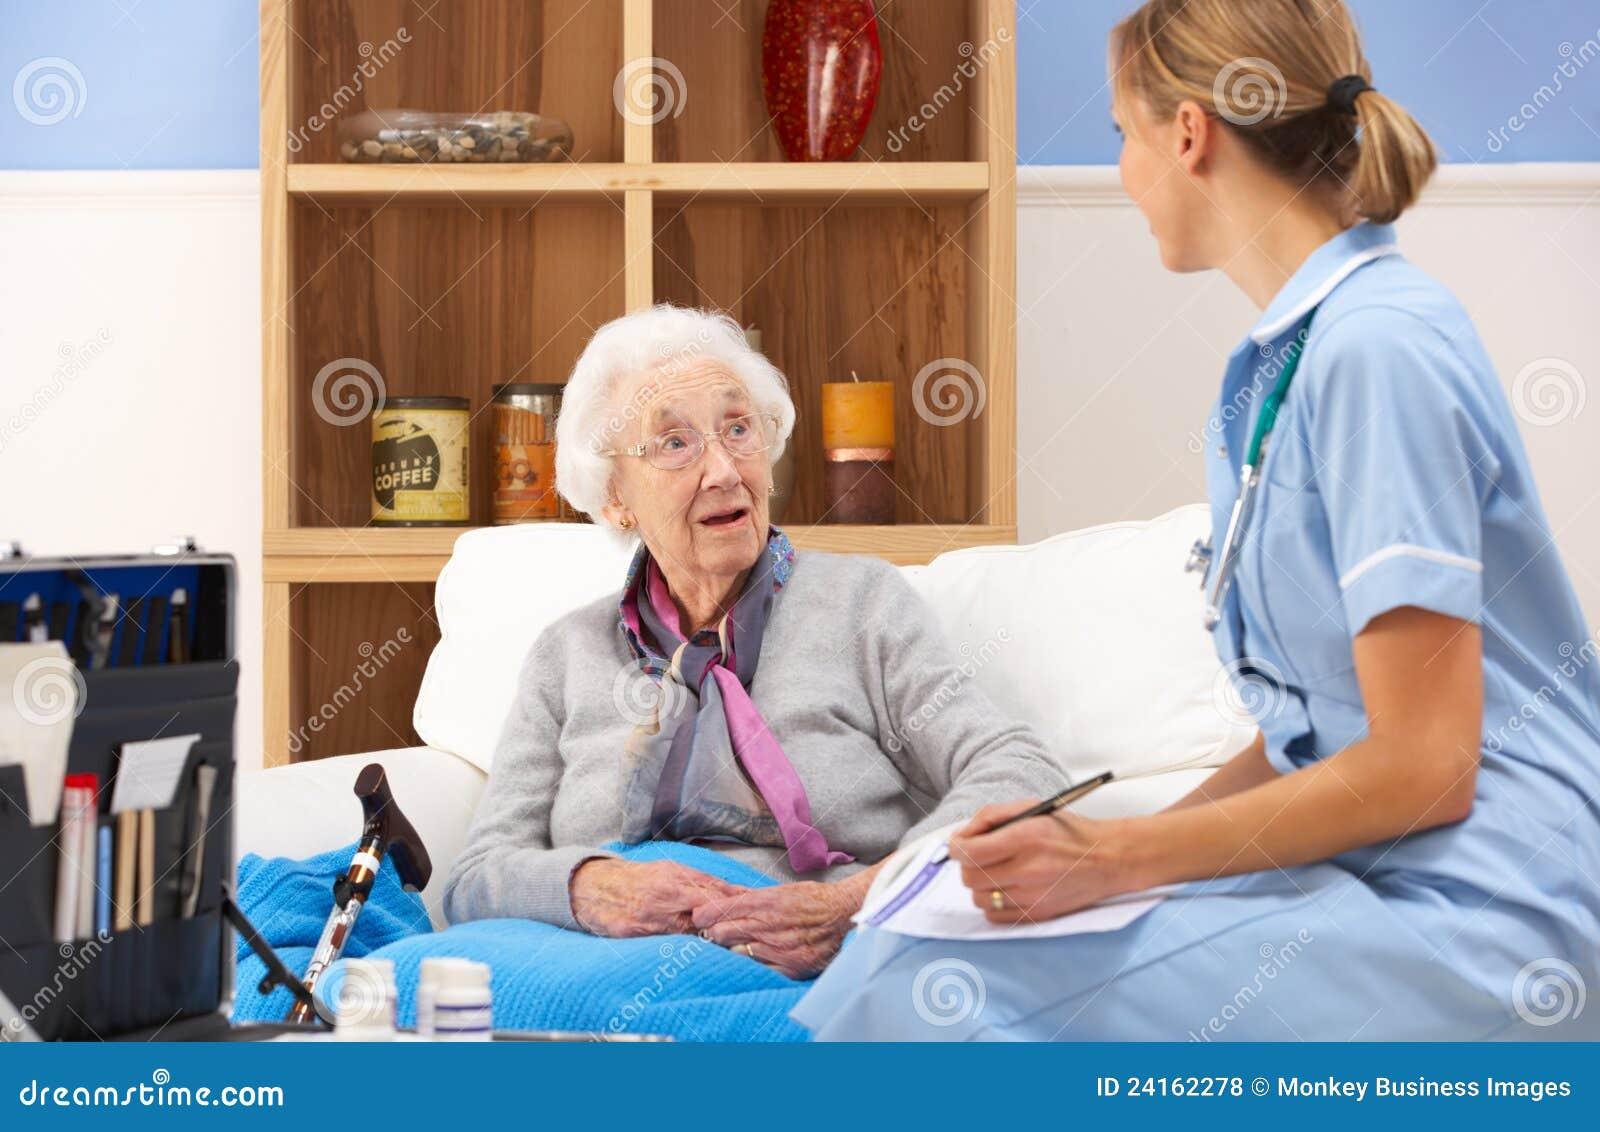 Enfermeira BRITÂNICA que visita a mulher sênior em casa